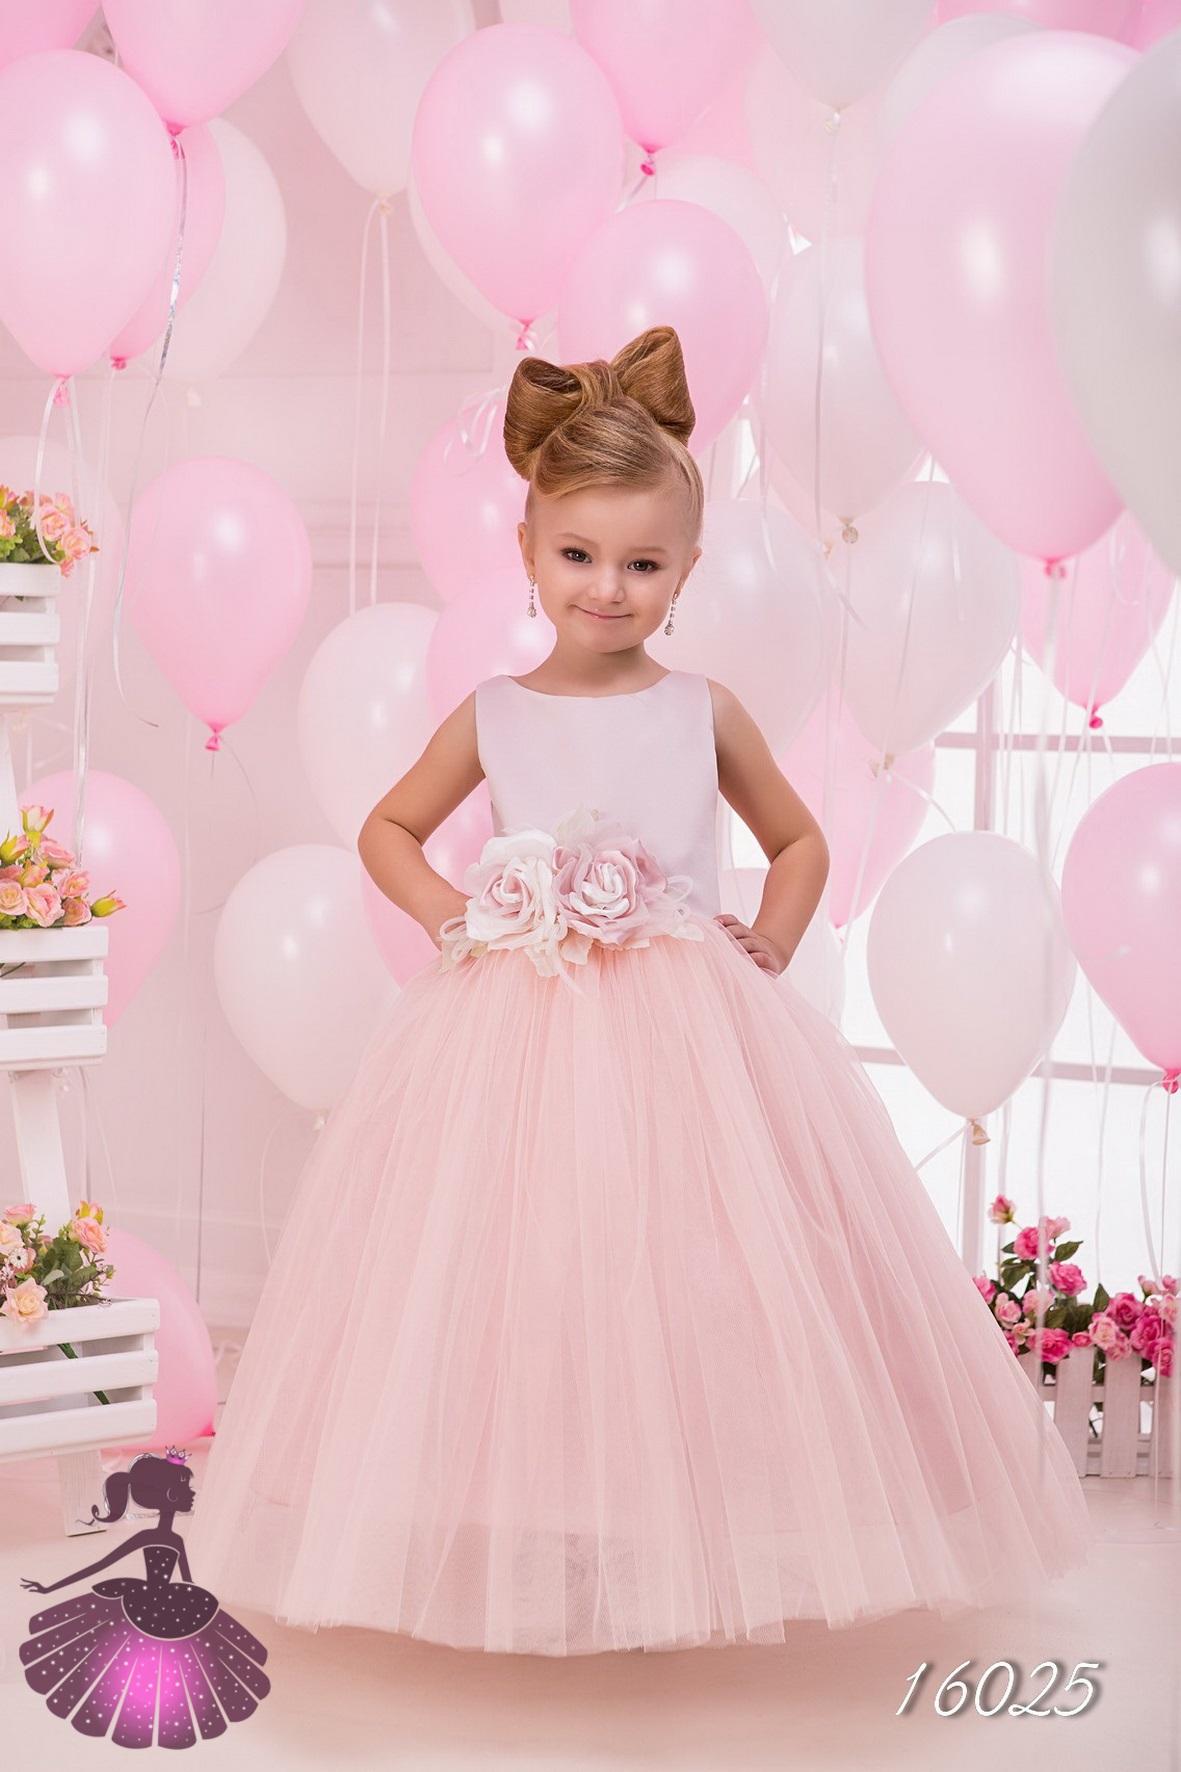 Аренда платьев Little queen dress в фотостудии Frontpage 16025